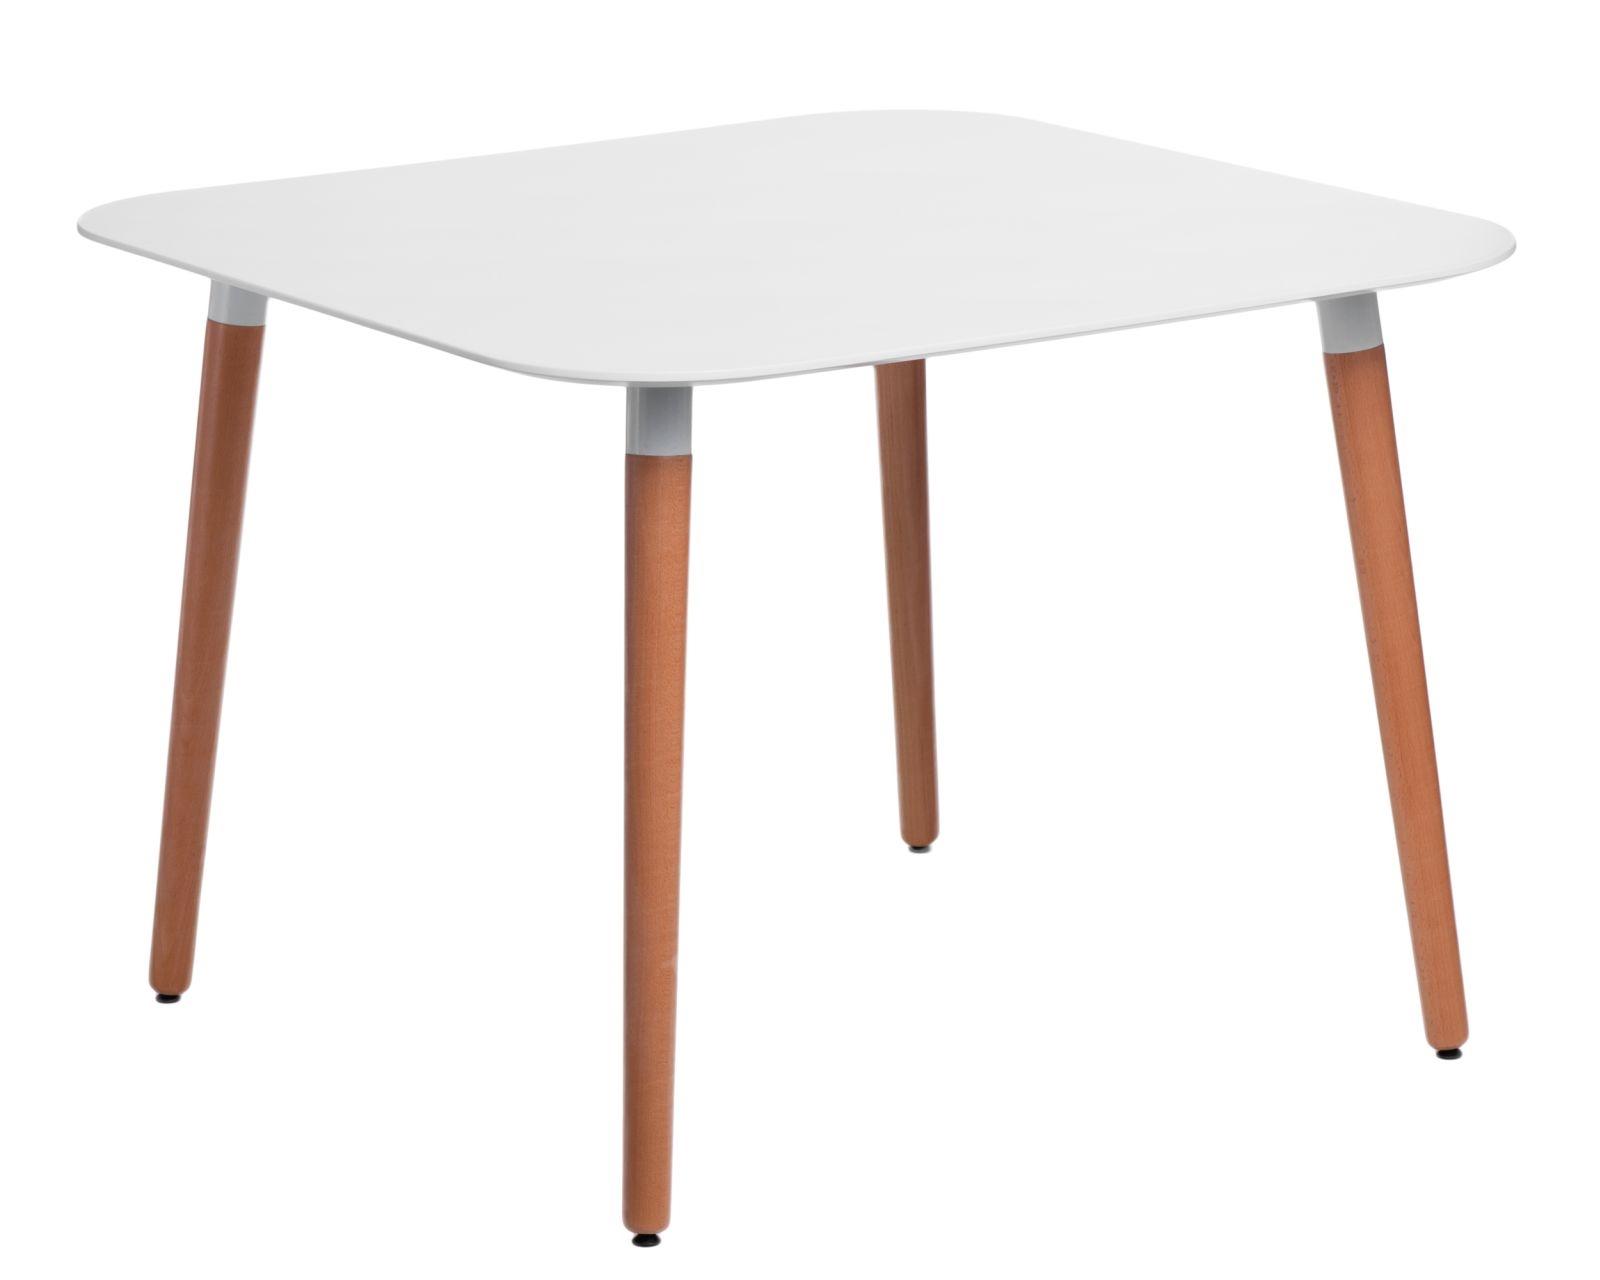 Jídelní stůl Clara čtvercový oblý, 100 cm, bílá